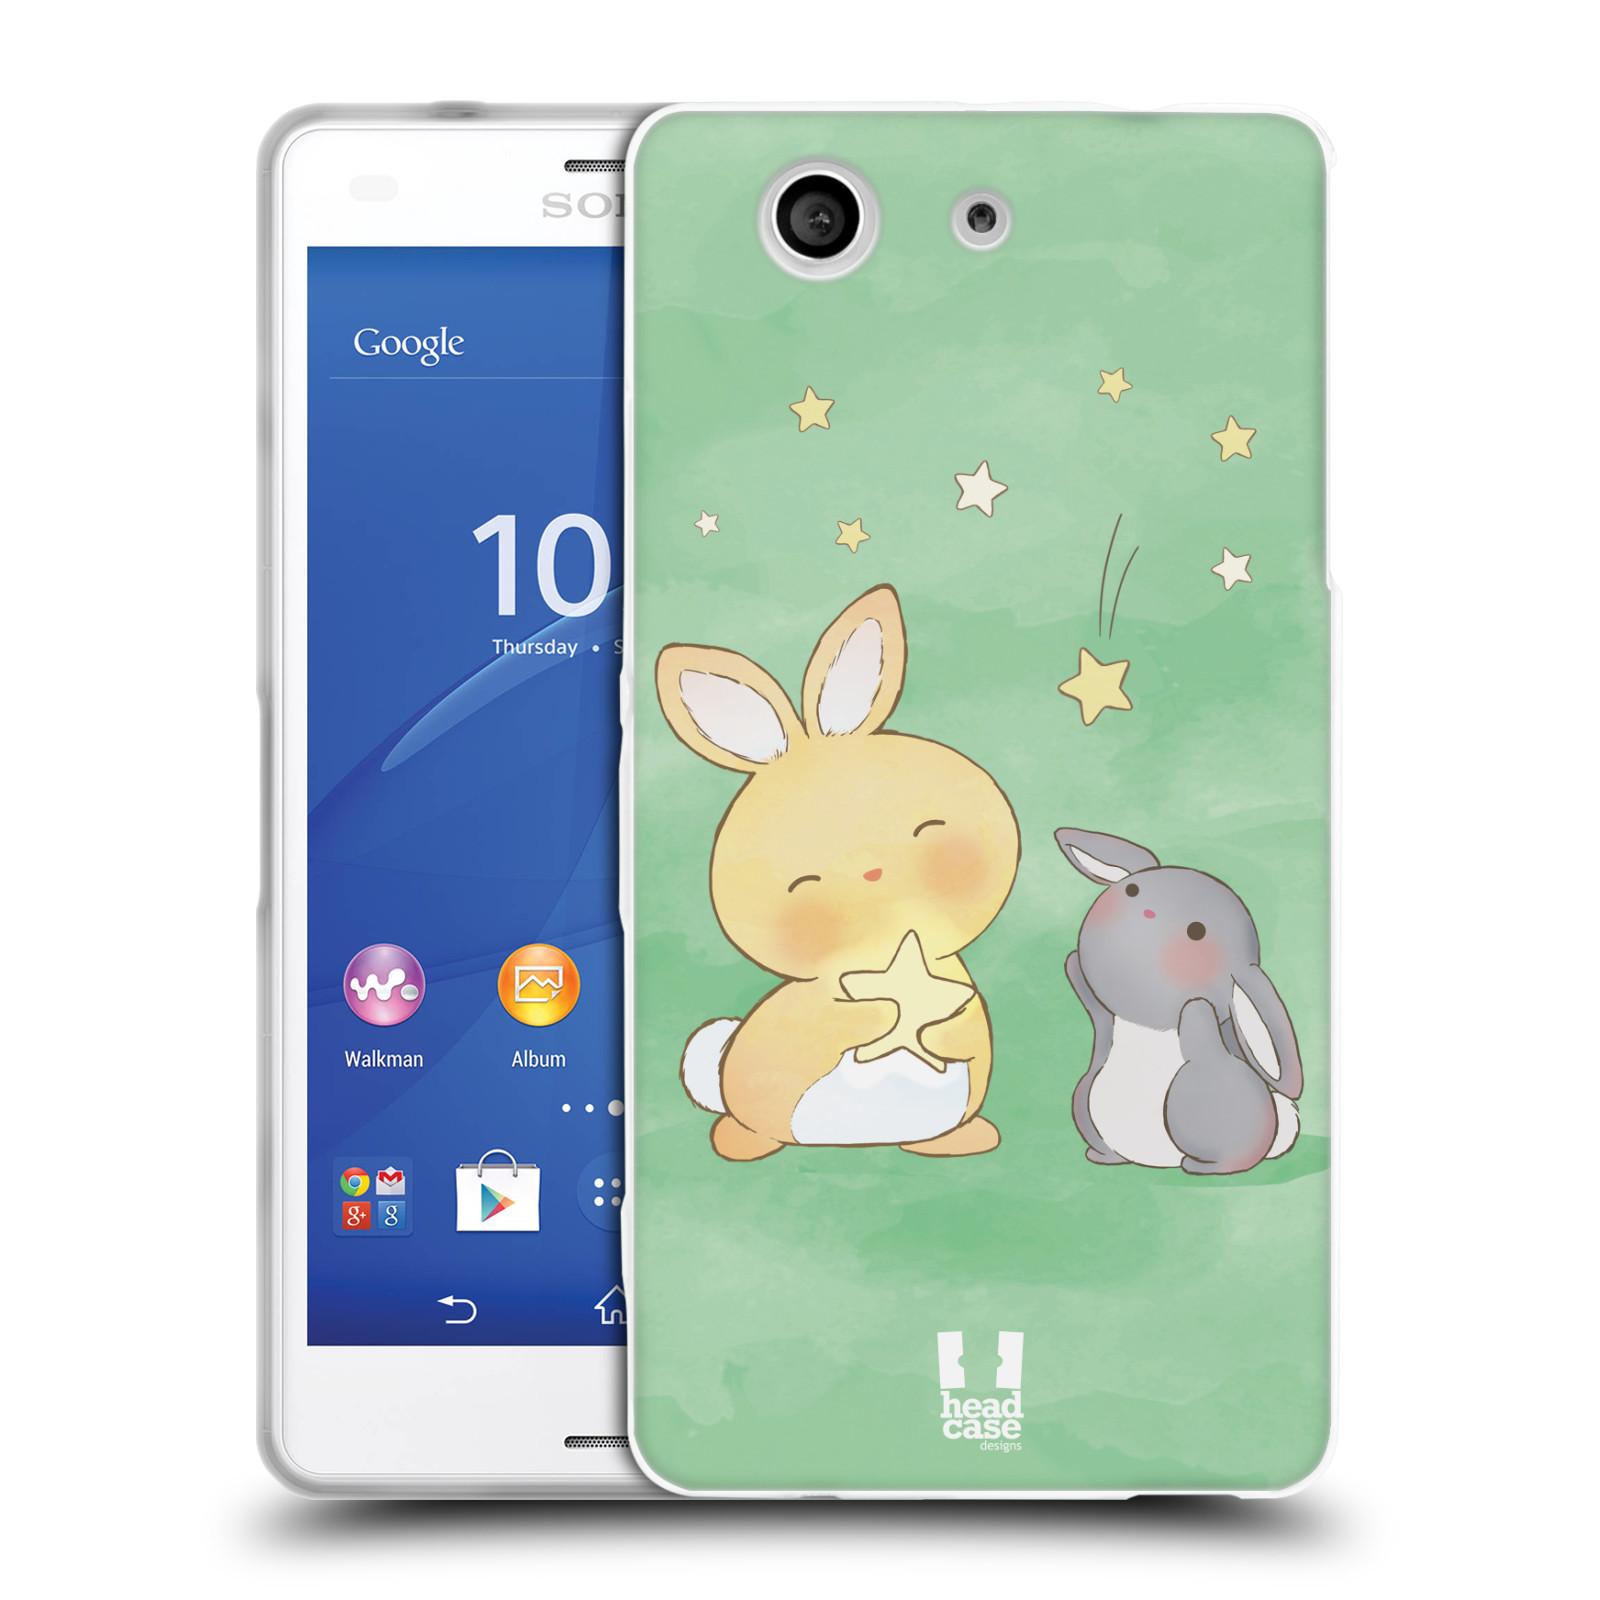 HEAD CASE silikonový obal na mobil Sony Xperia Z3 COMPACT (D5803) vzor králíček a hvězdy zelená